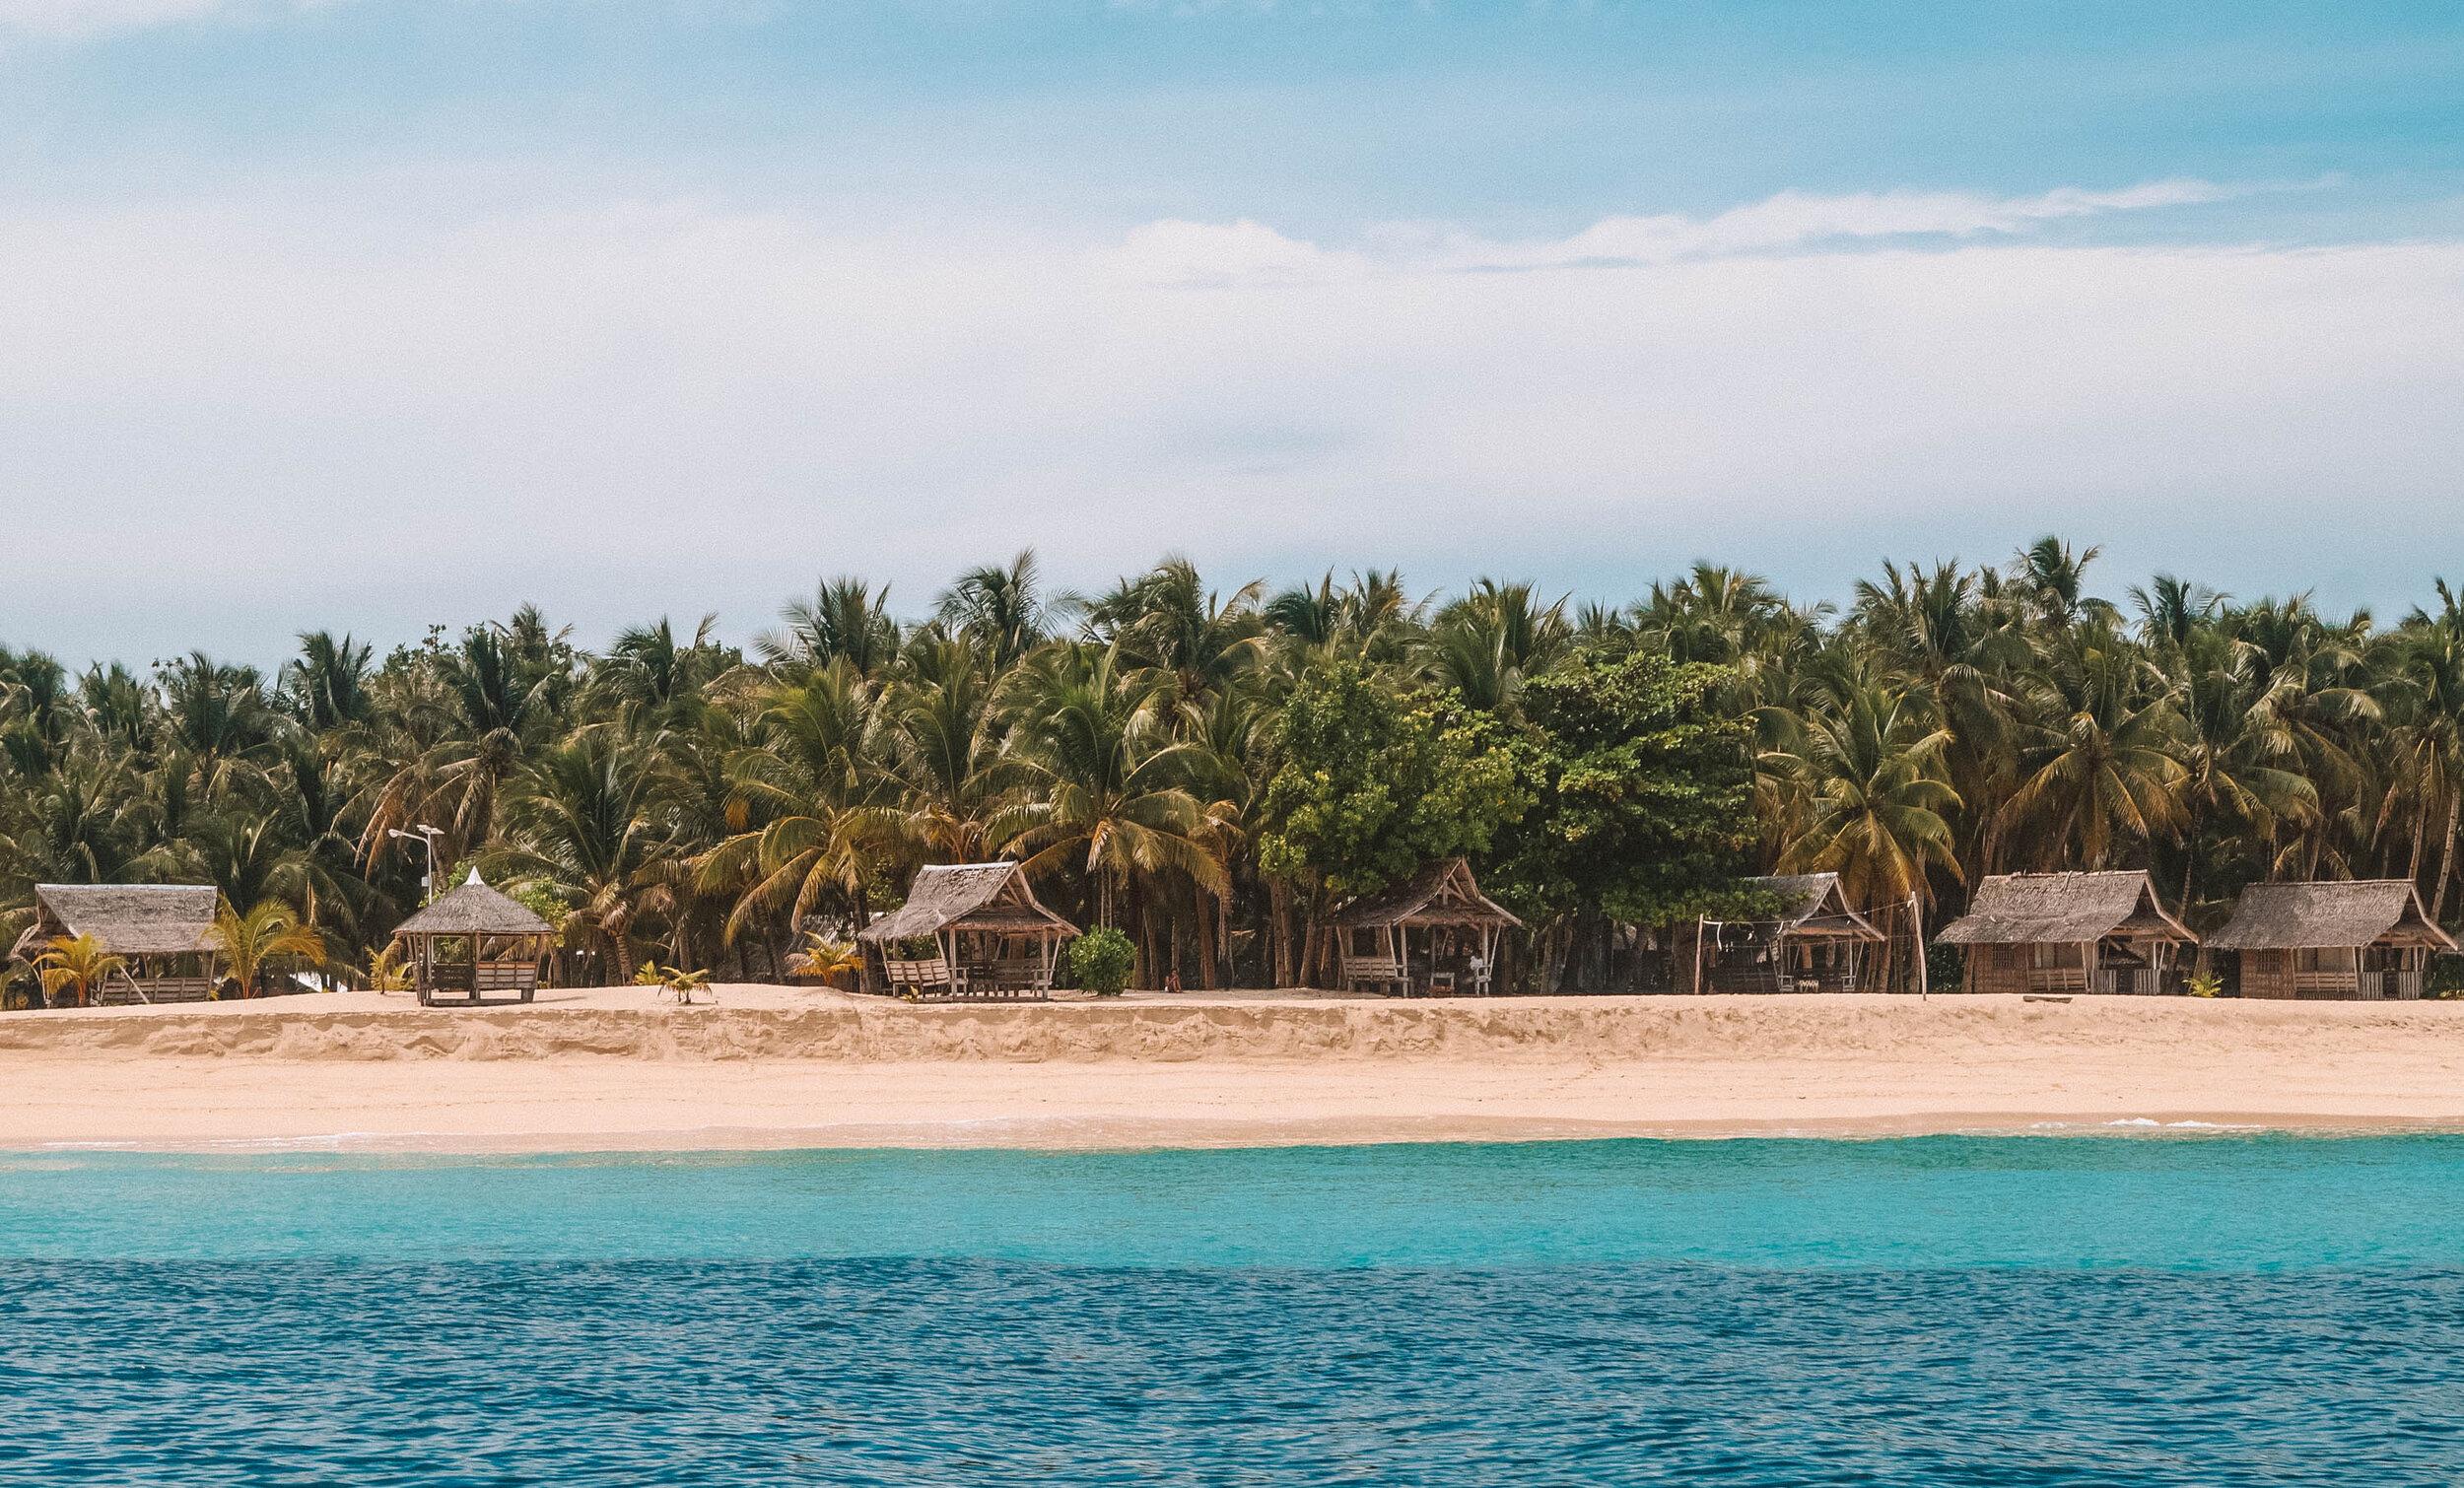 椰子树、碧绿的海水和白色的沙滩:菲律宾西阿尔高裸体岛的一片天堂